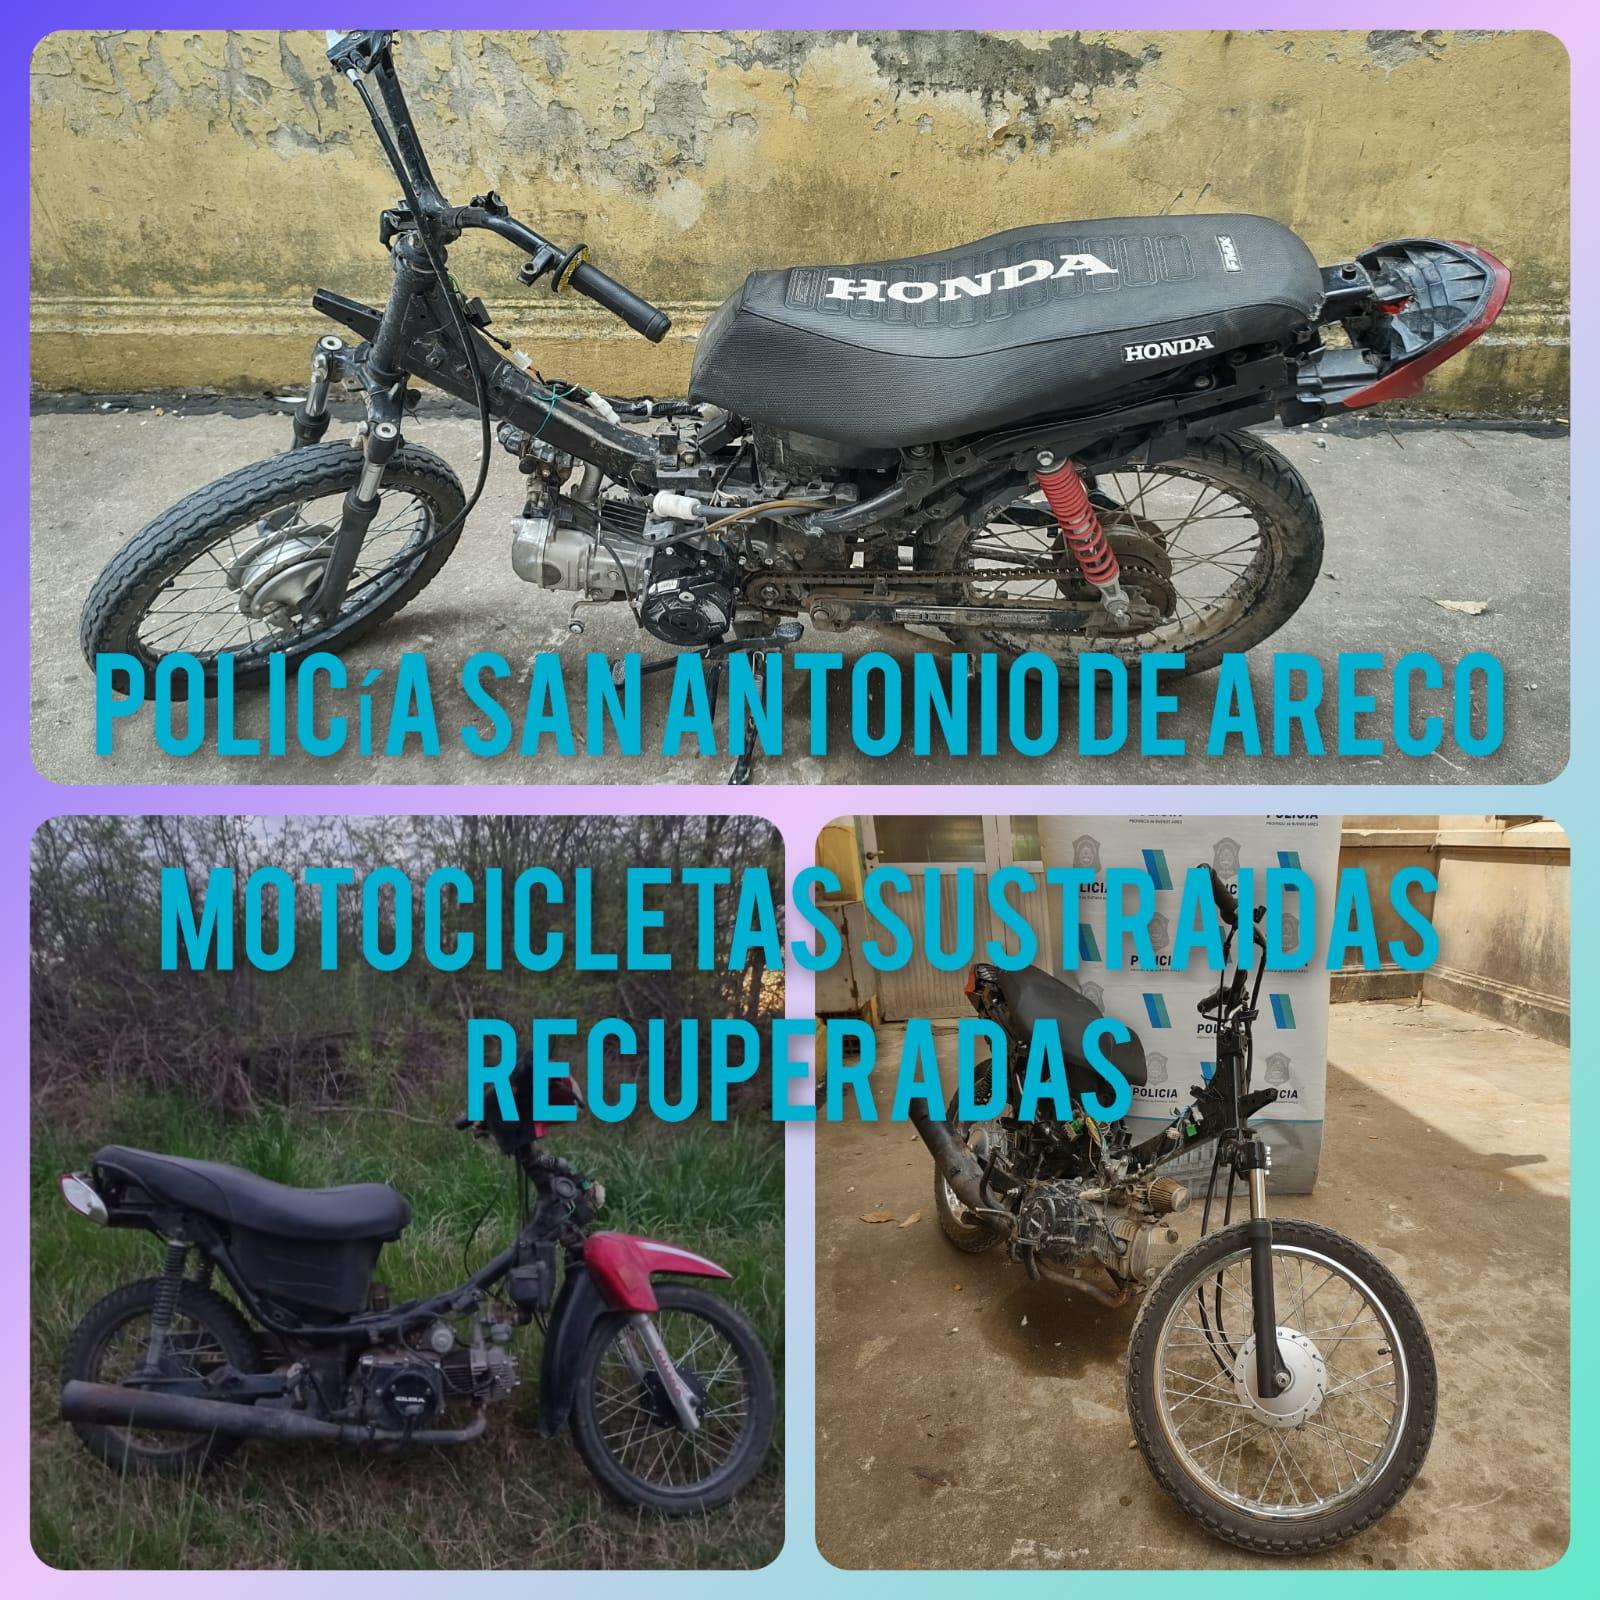 IMG-20211012-WA0006